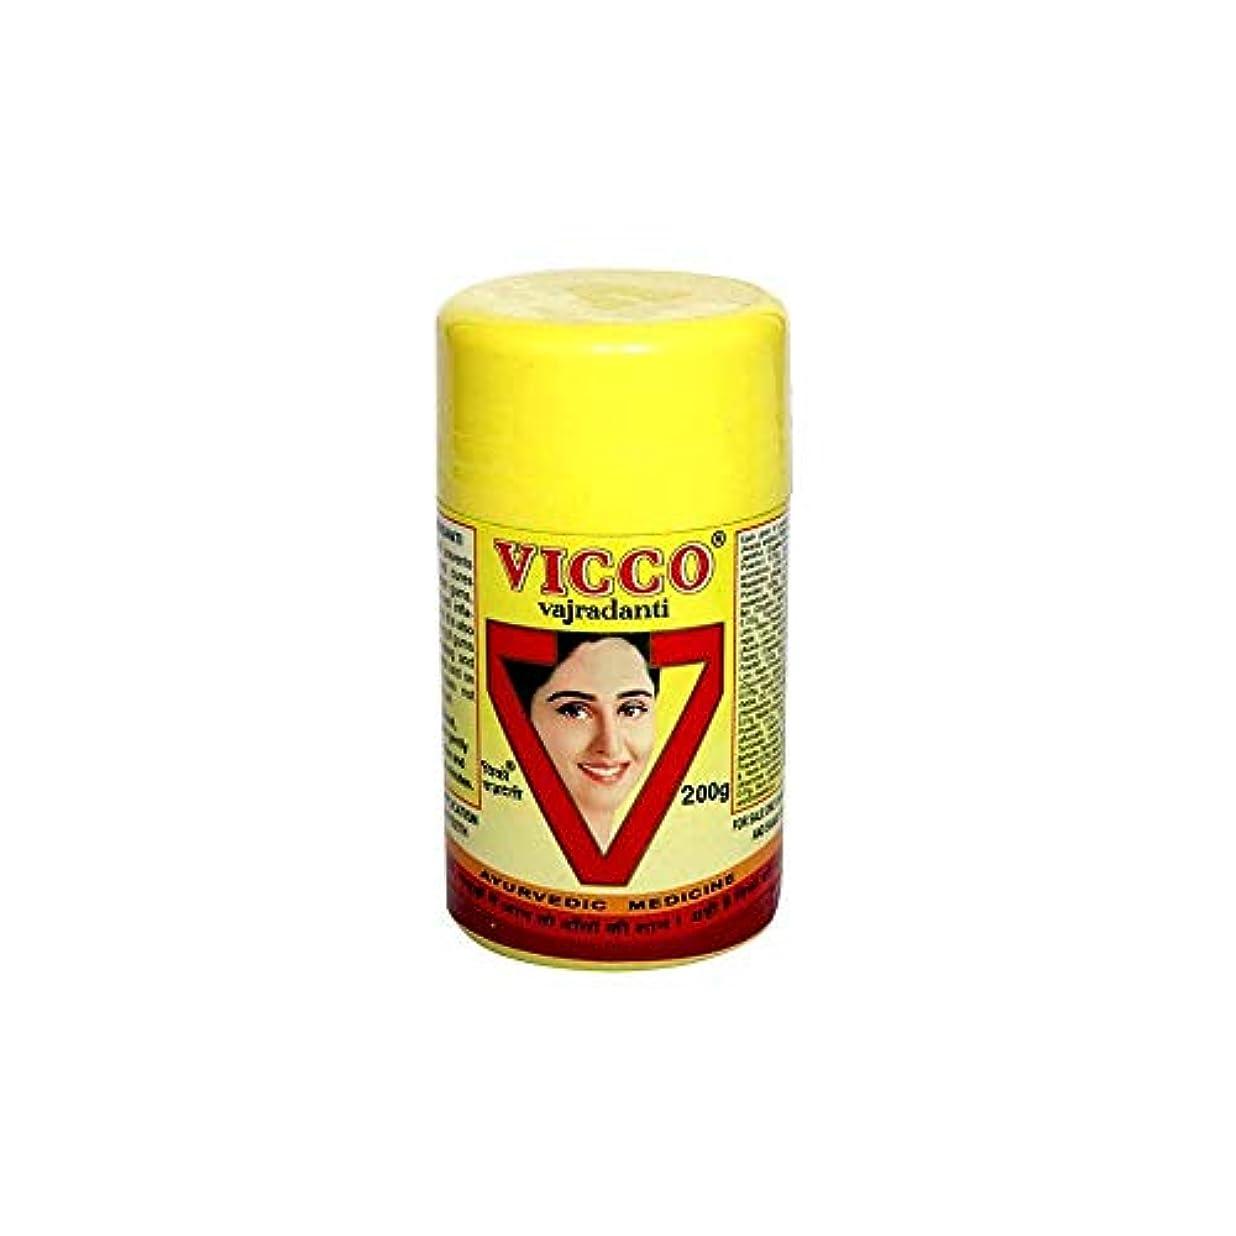 スチュワードメタルライン肉腫Vicco Vajradanti Ayurvedic Herbal Tooth Powder 200g Prevents Tooth Decay Cures by Vicco Lab